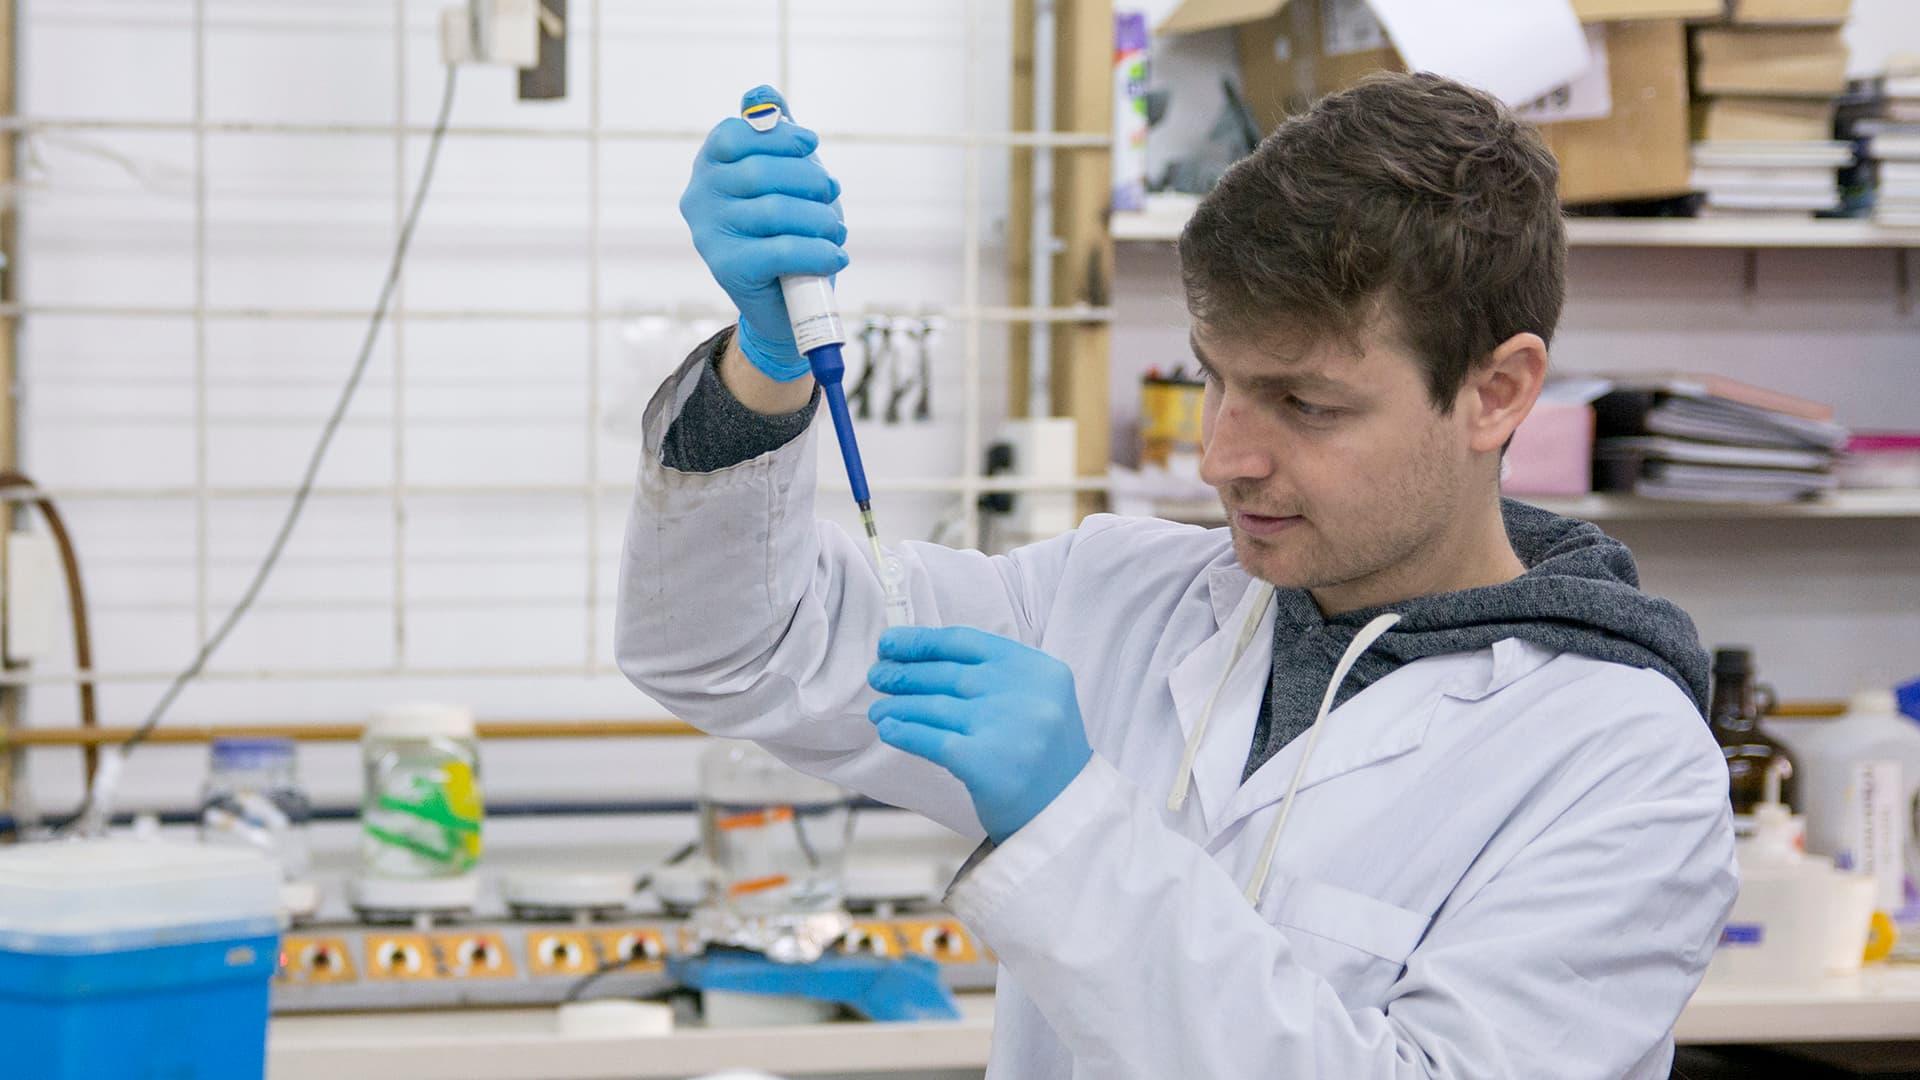 Mejoran el rendimiento de terapias nanotecnológicas contra el cáncer de mama